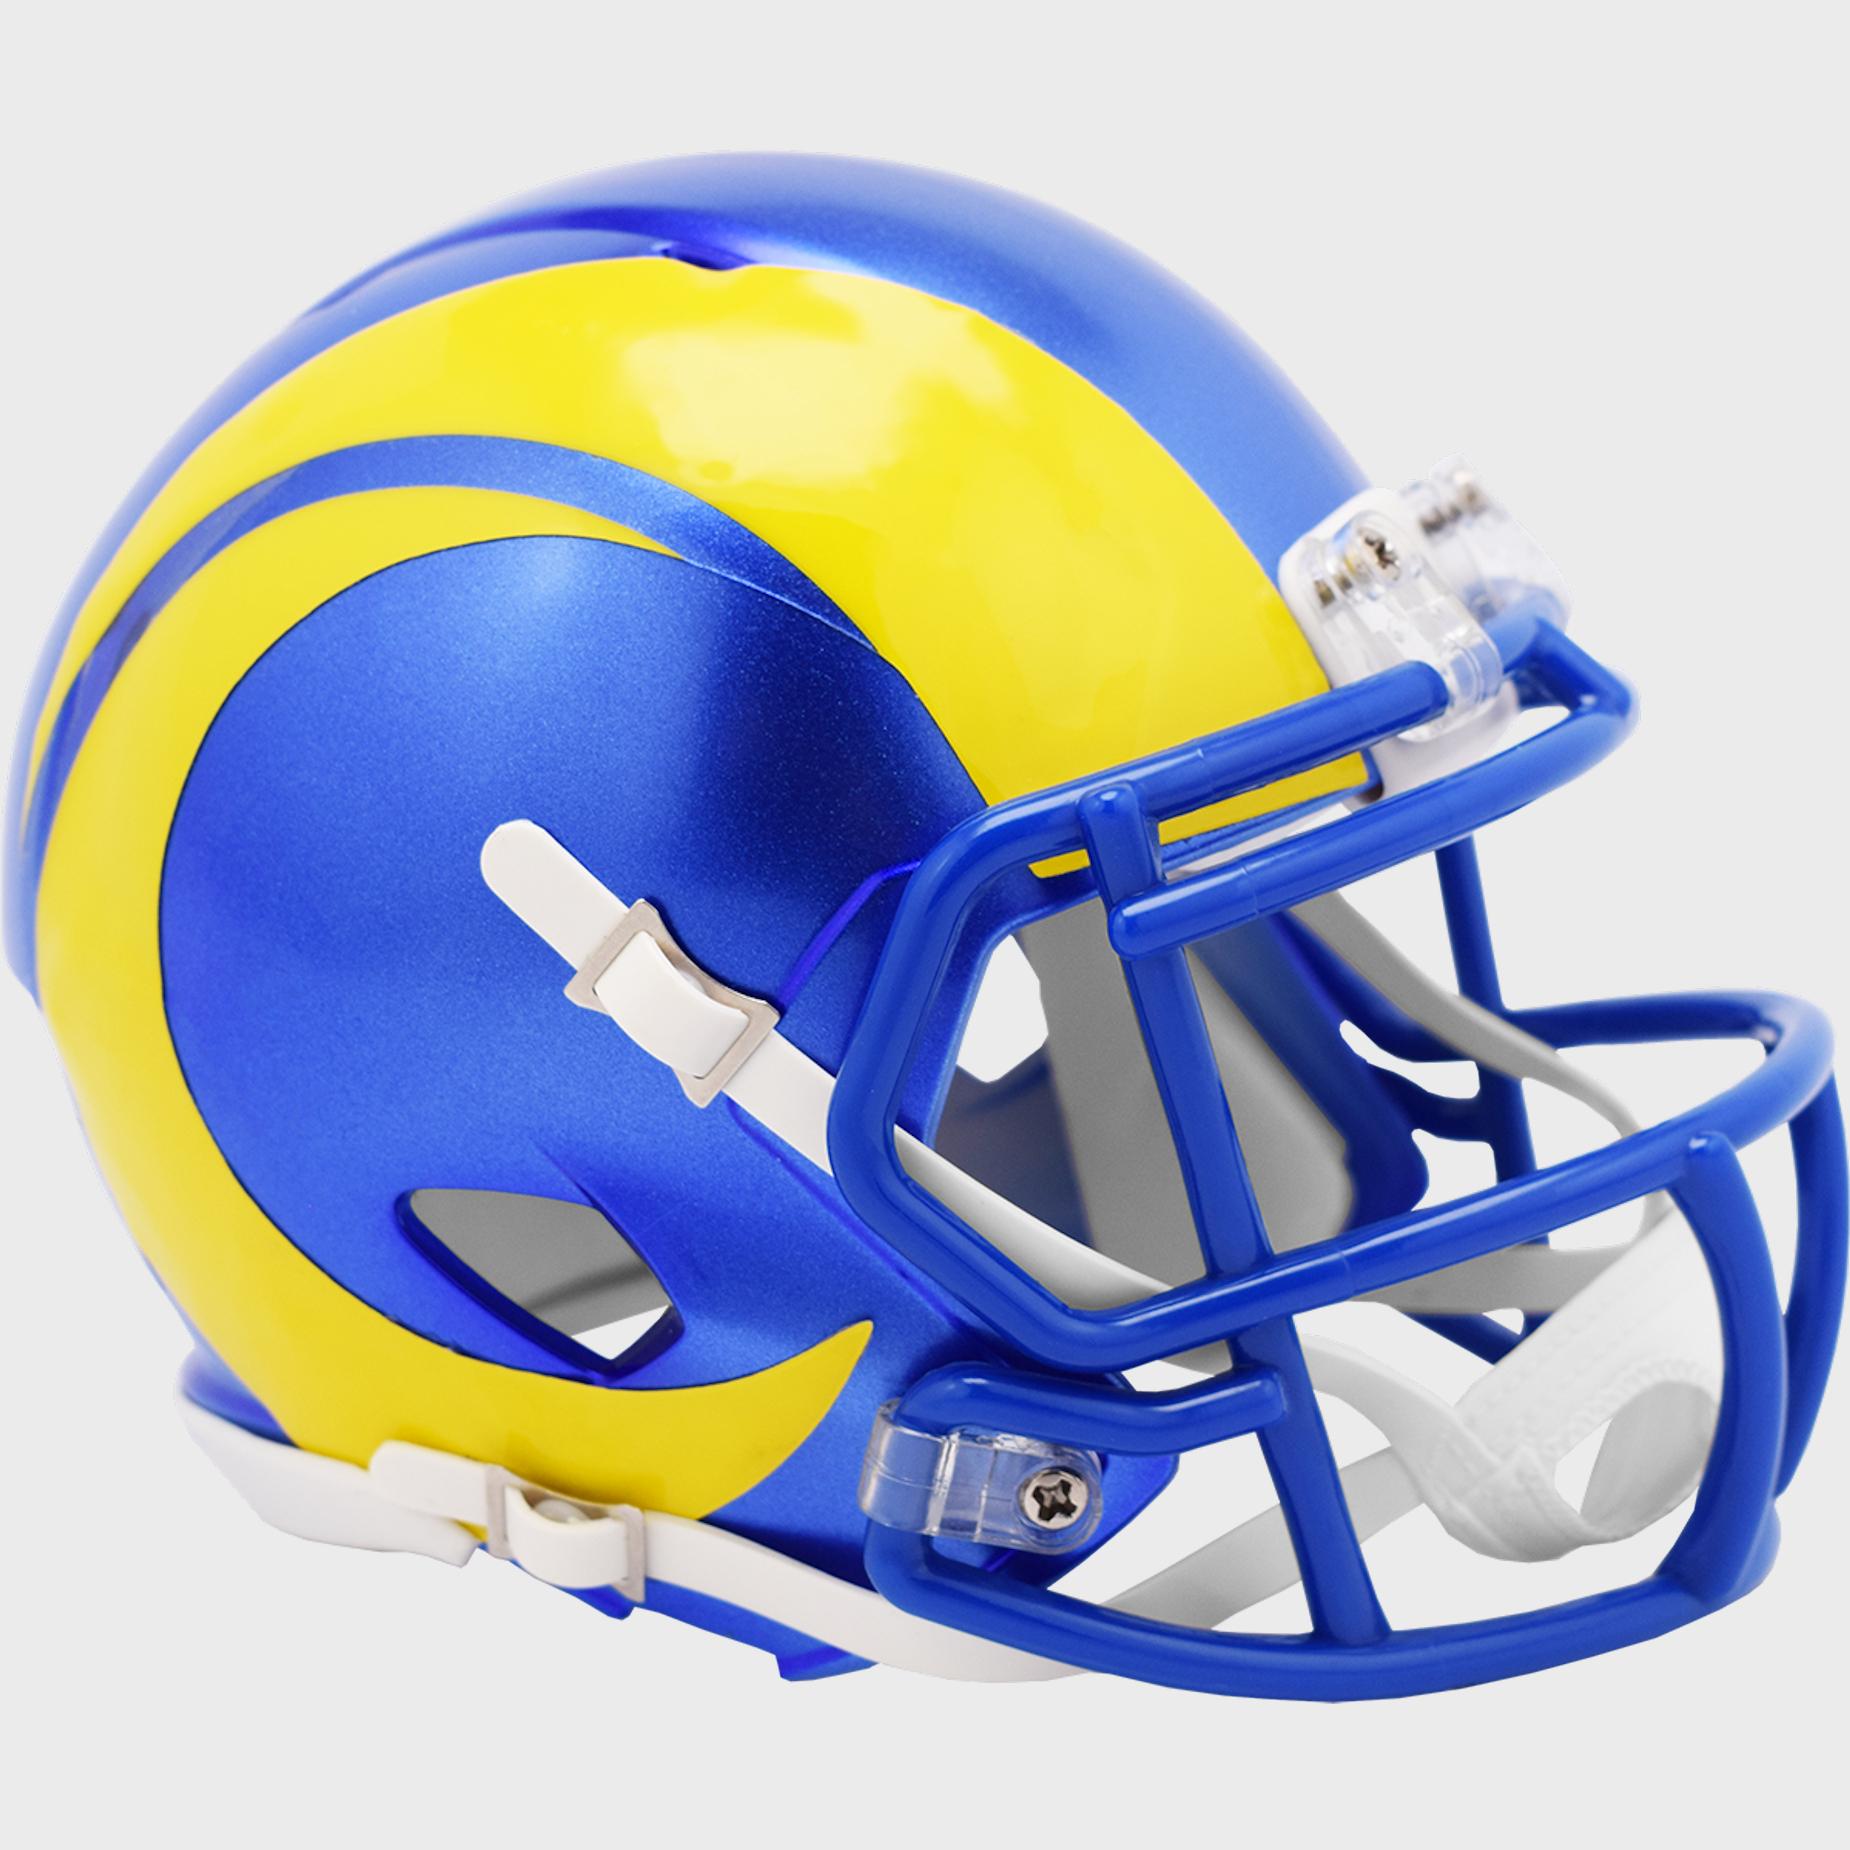 Los Angeles Rams NFL Mini Speed Football Helmet